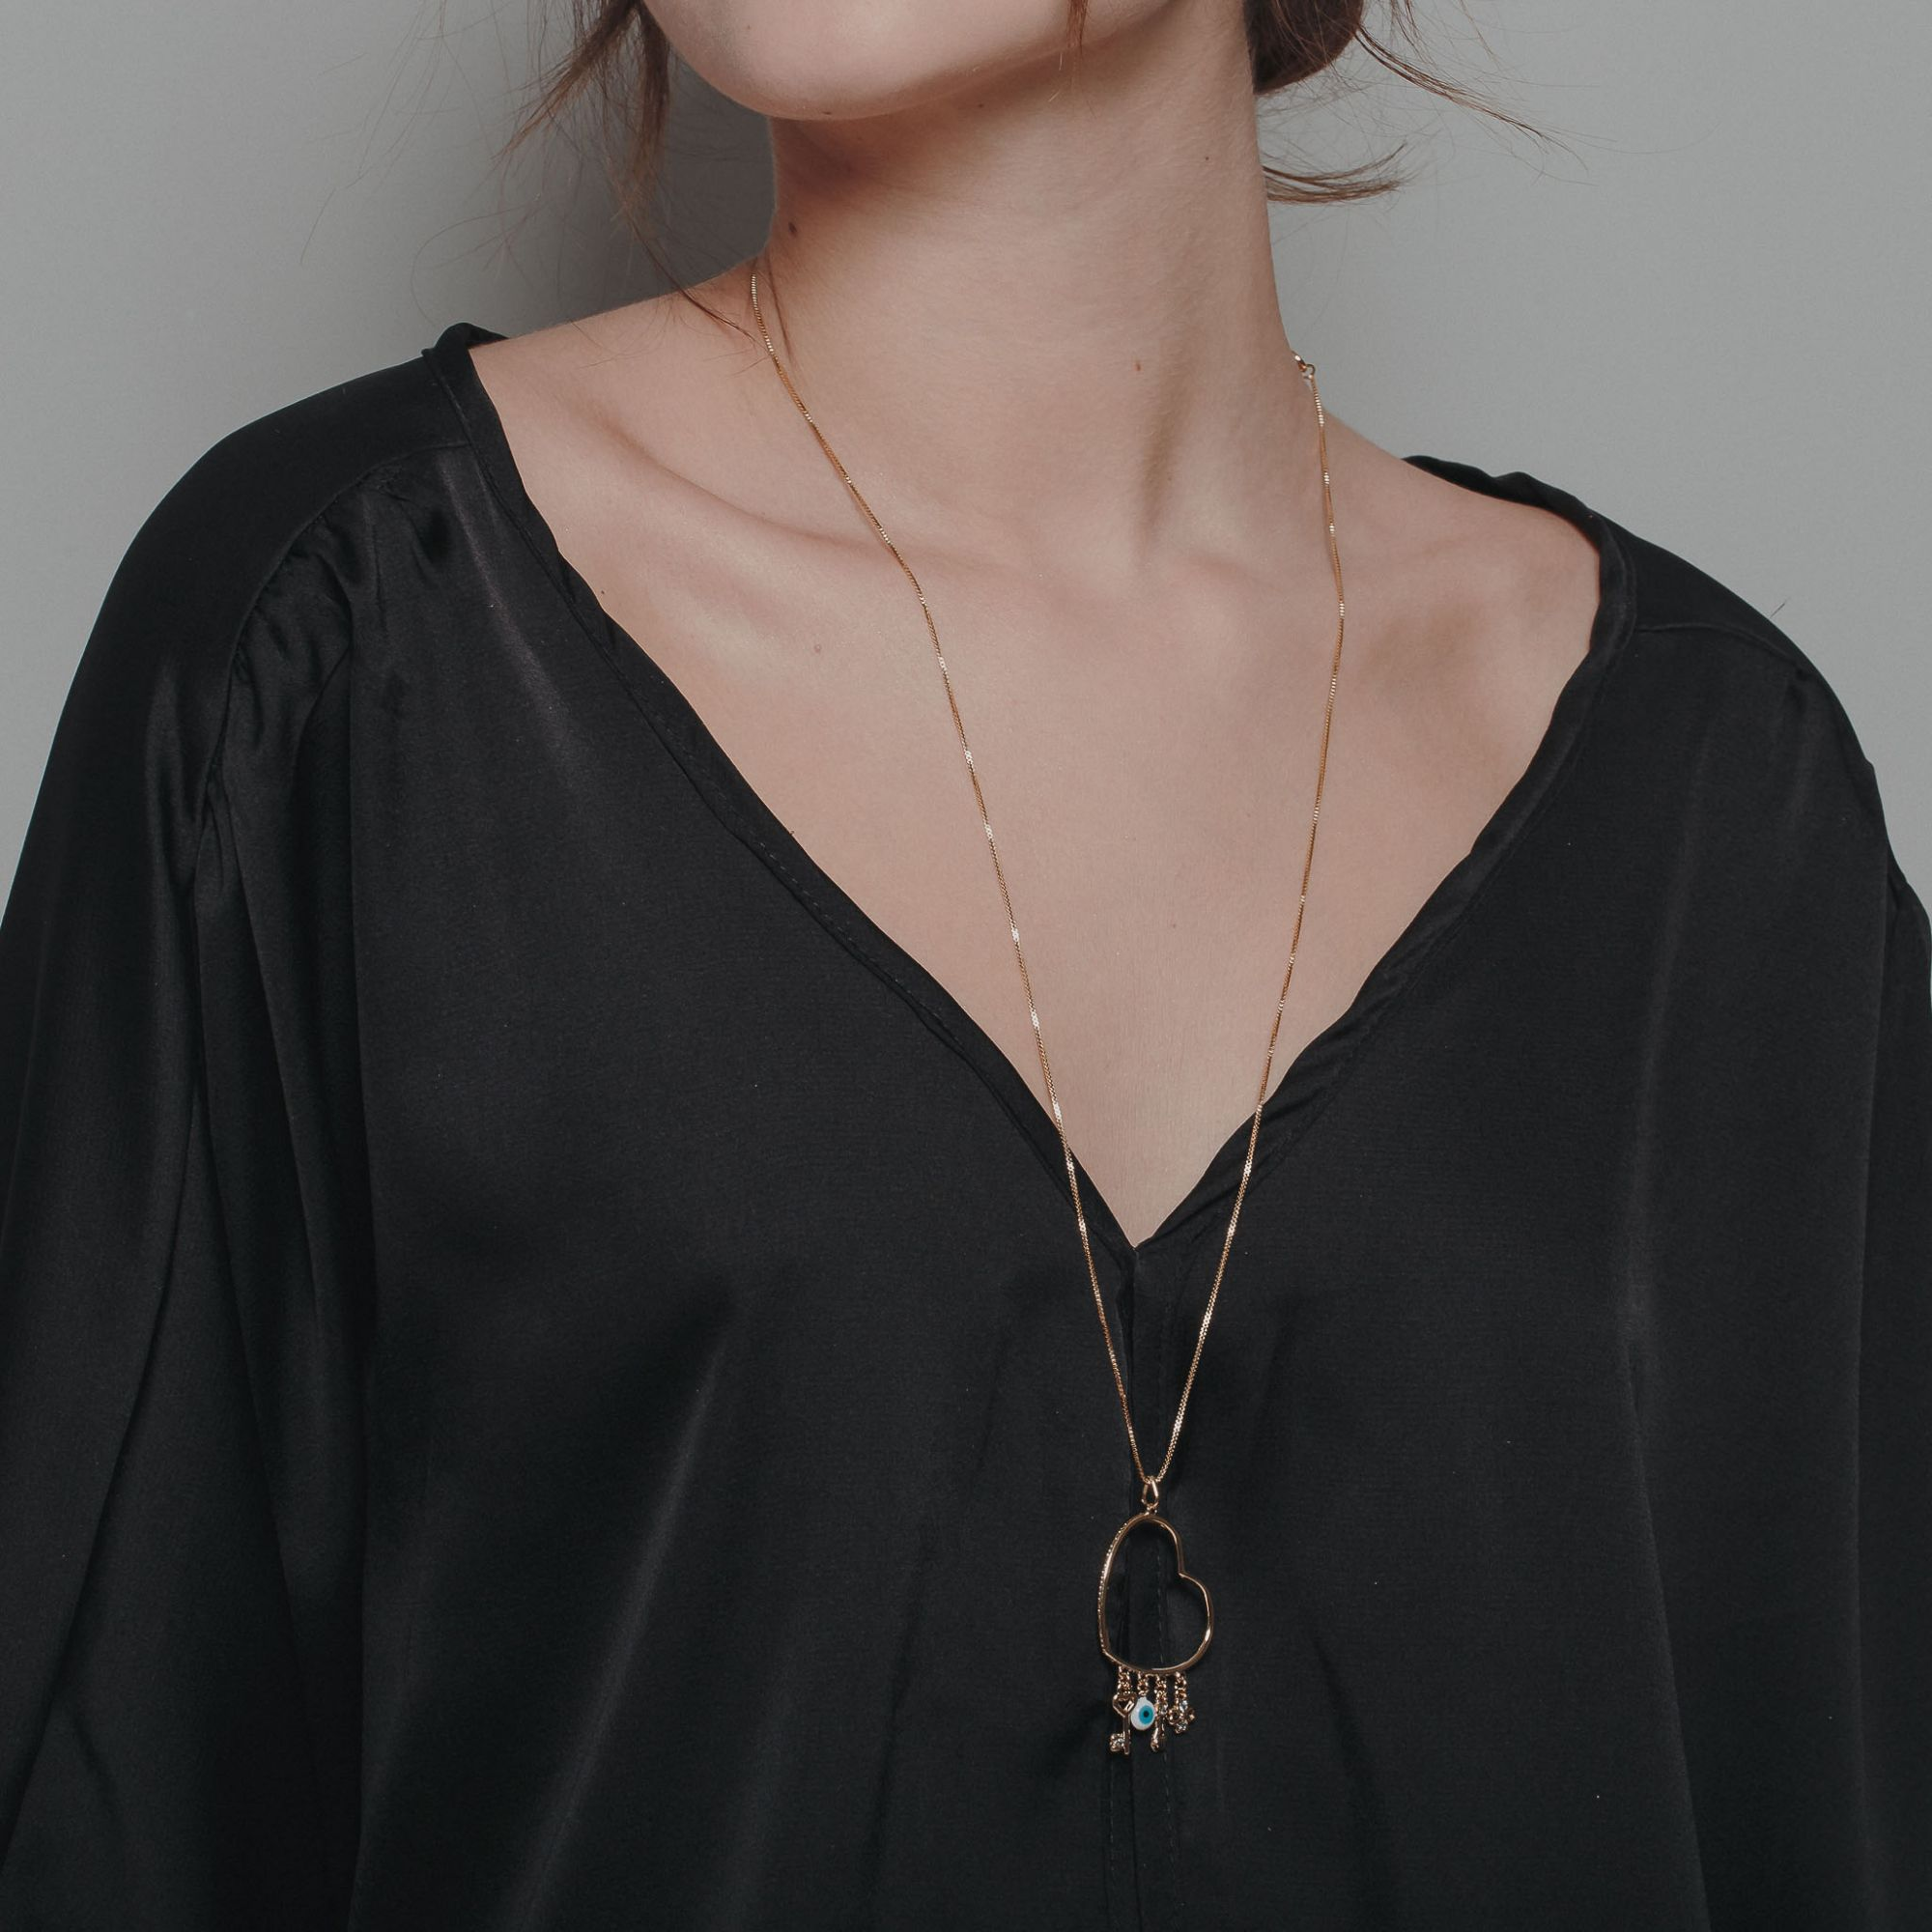 Colar patuá com pendentes simbólicos banhado a ouro 18k.  - romabrazil.com.br